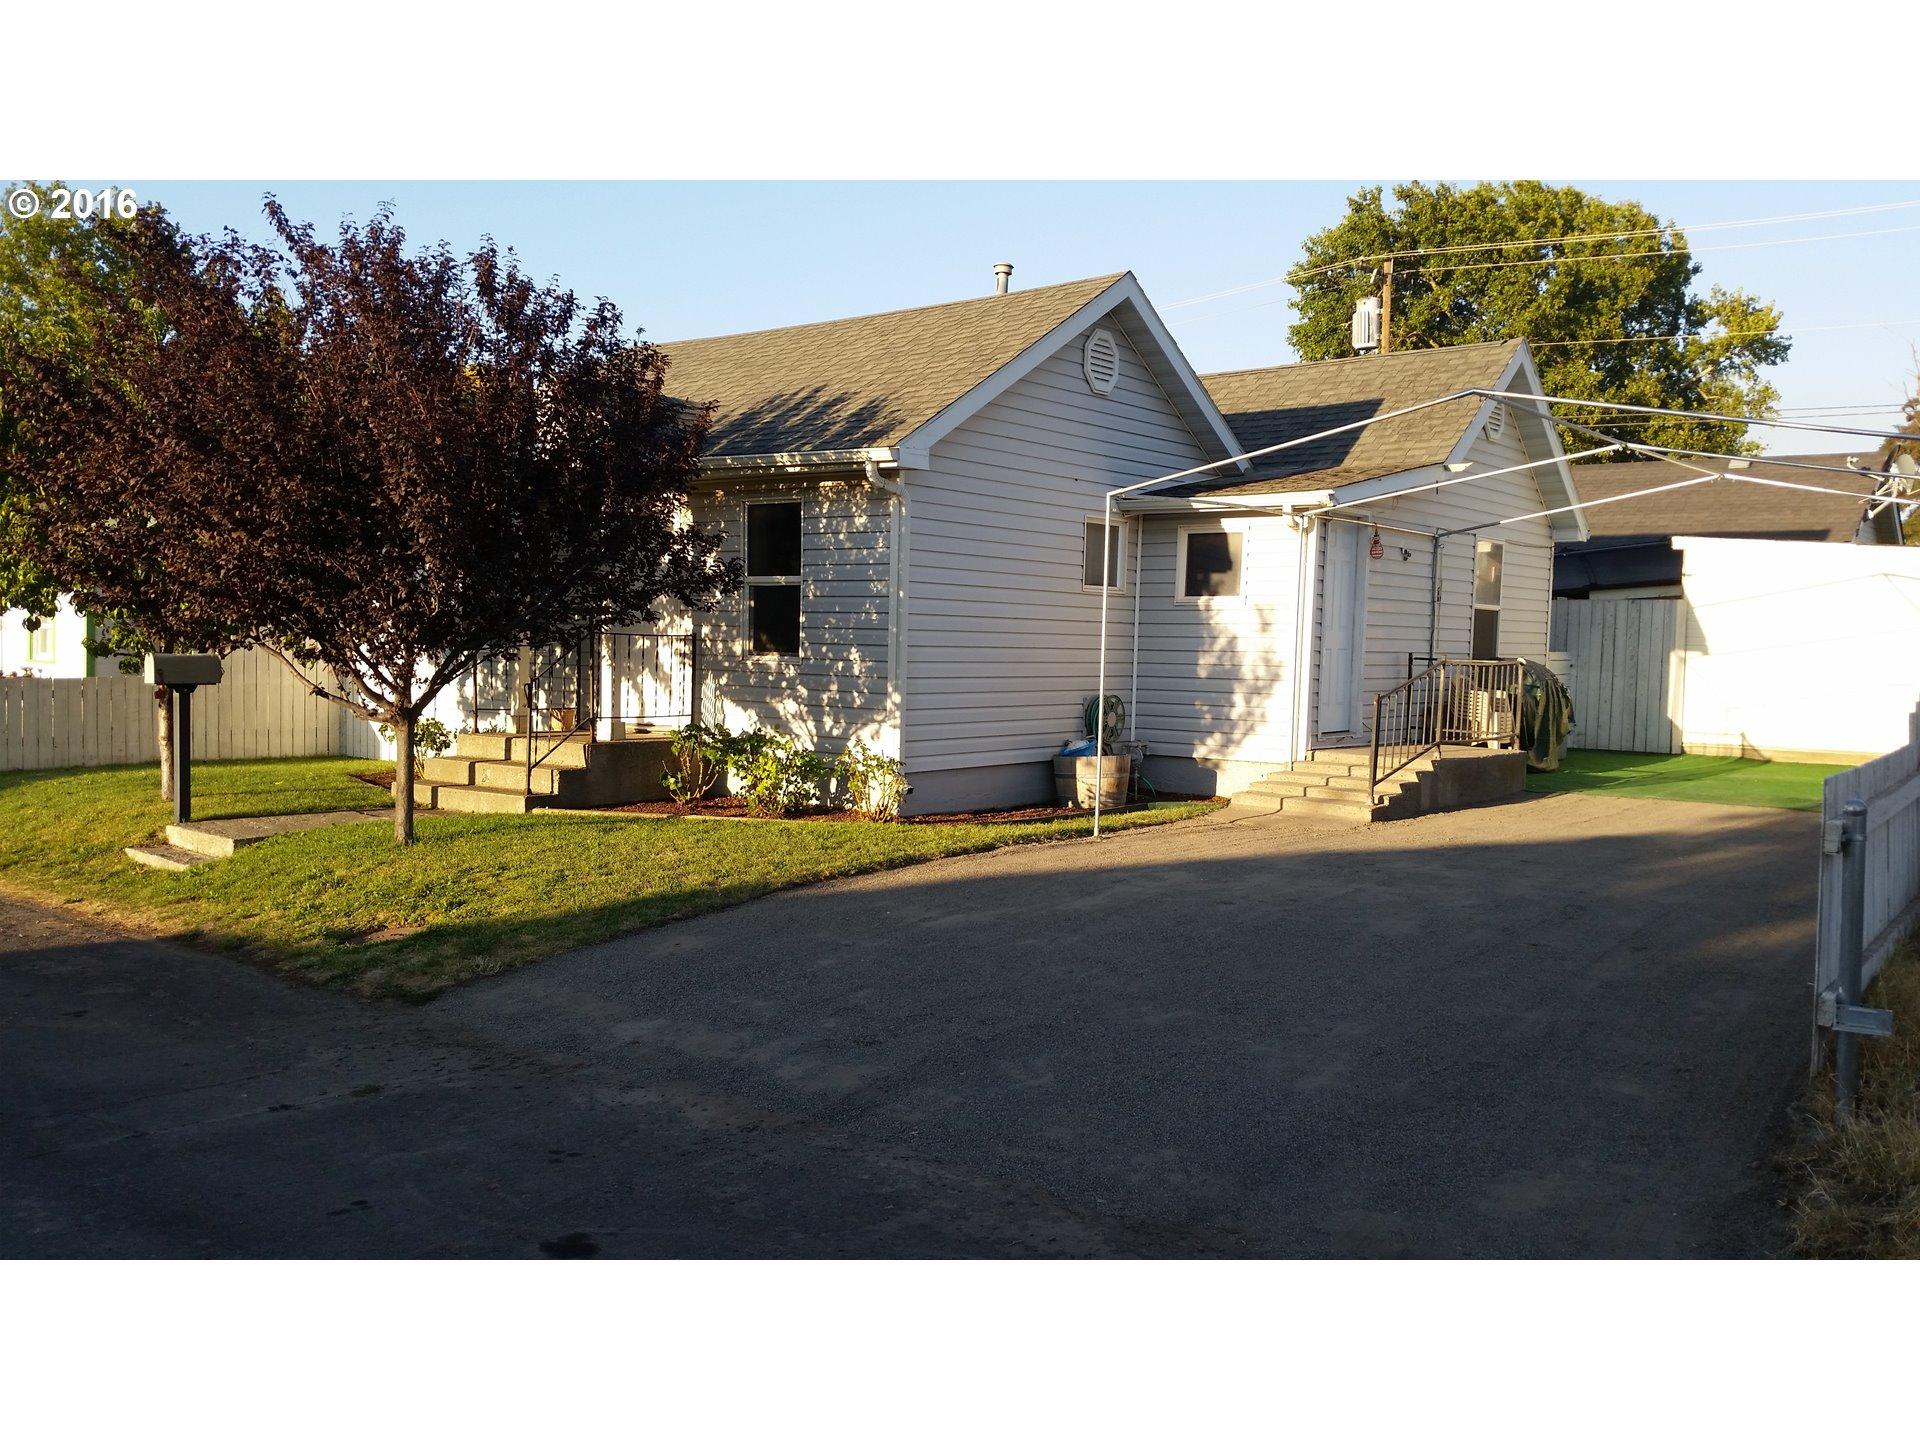 818 Perkins St , Milton Freewater, OR - USA (photo 1)